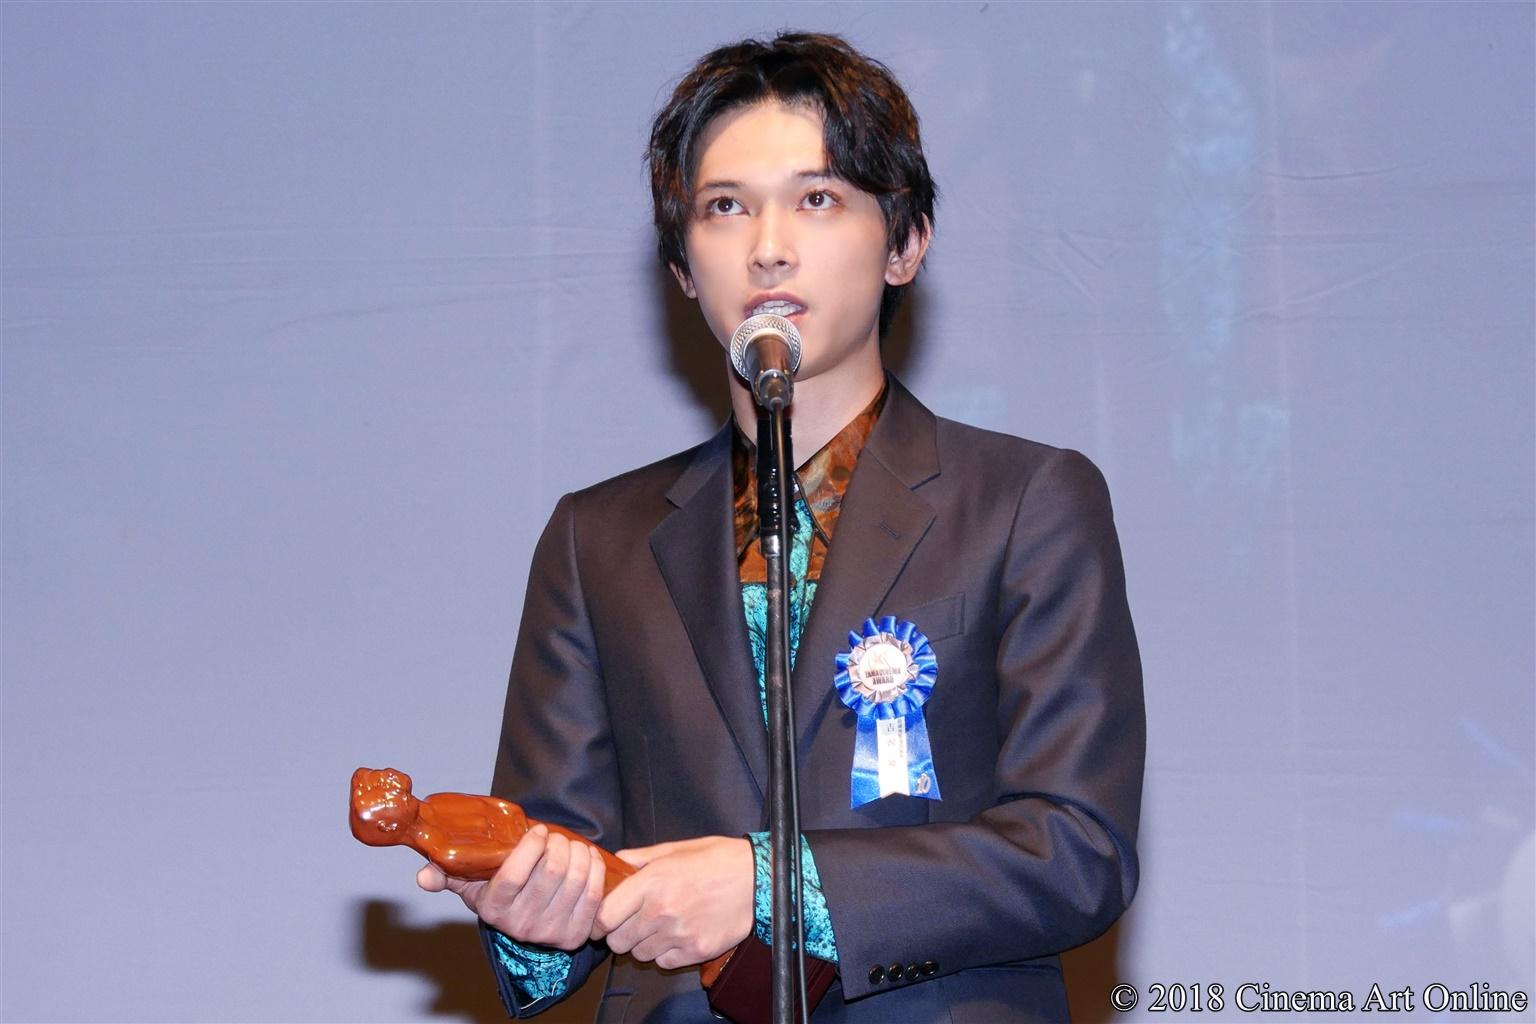 【写真】第10回 TAMA映画賞 授賞式 (吉沢亮)